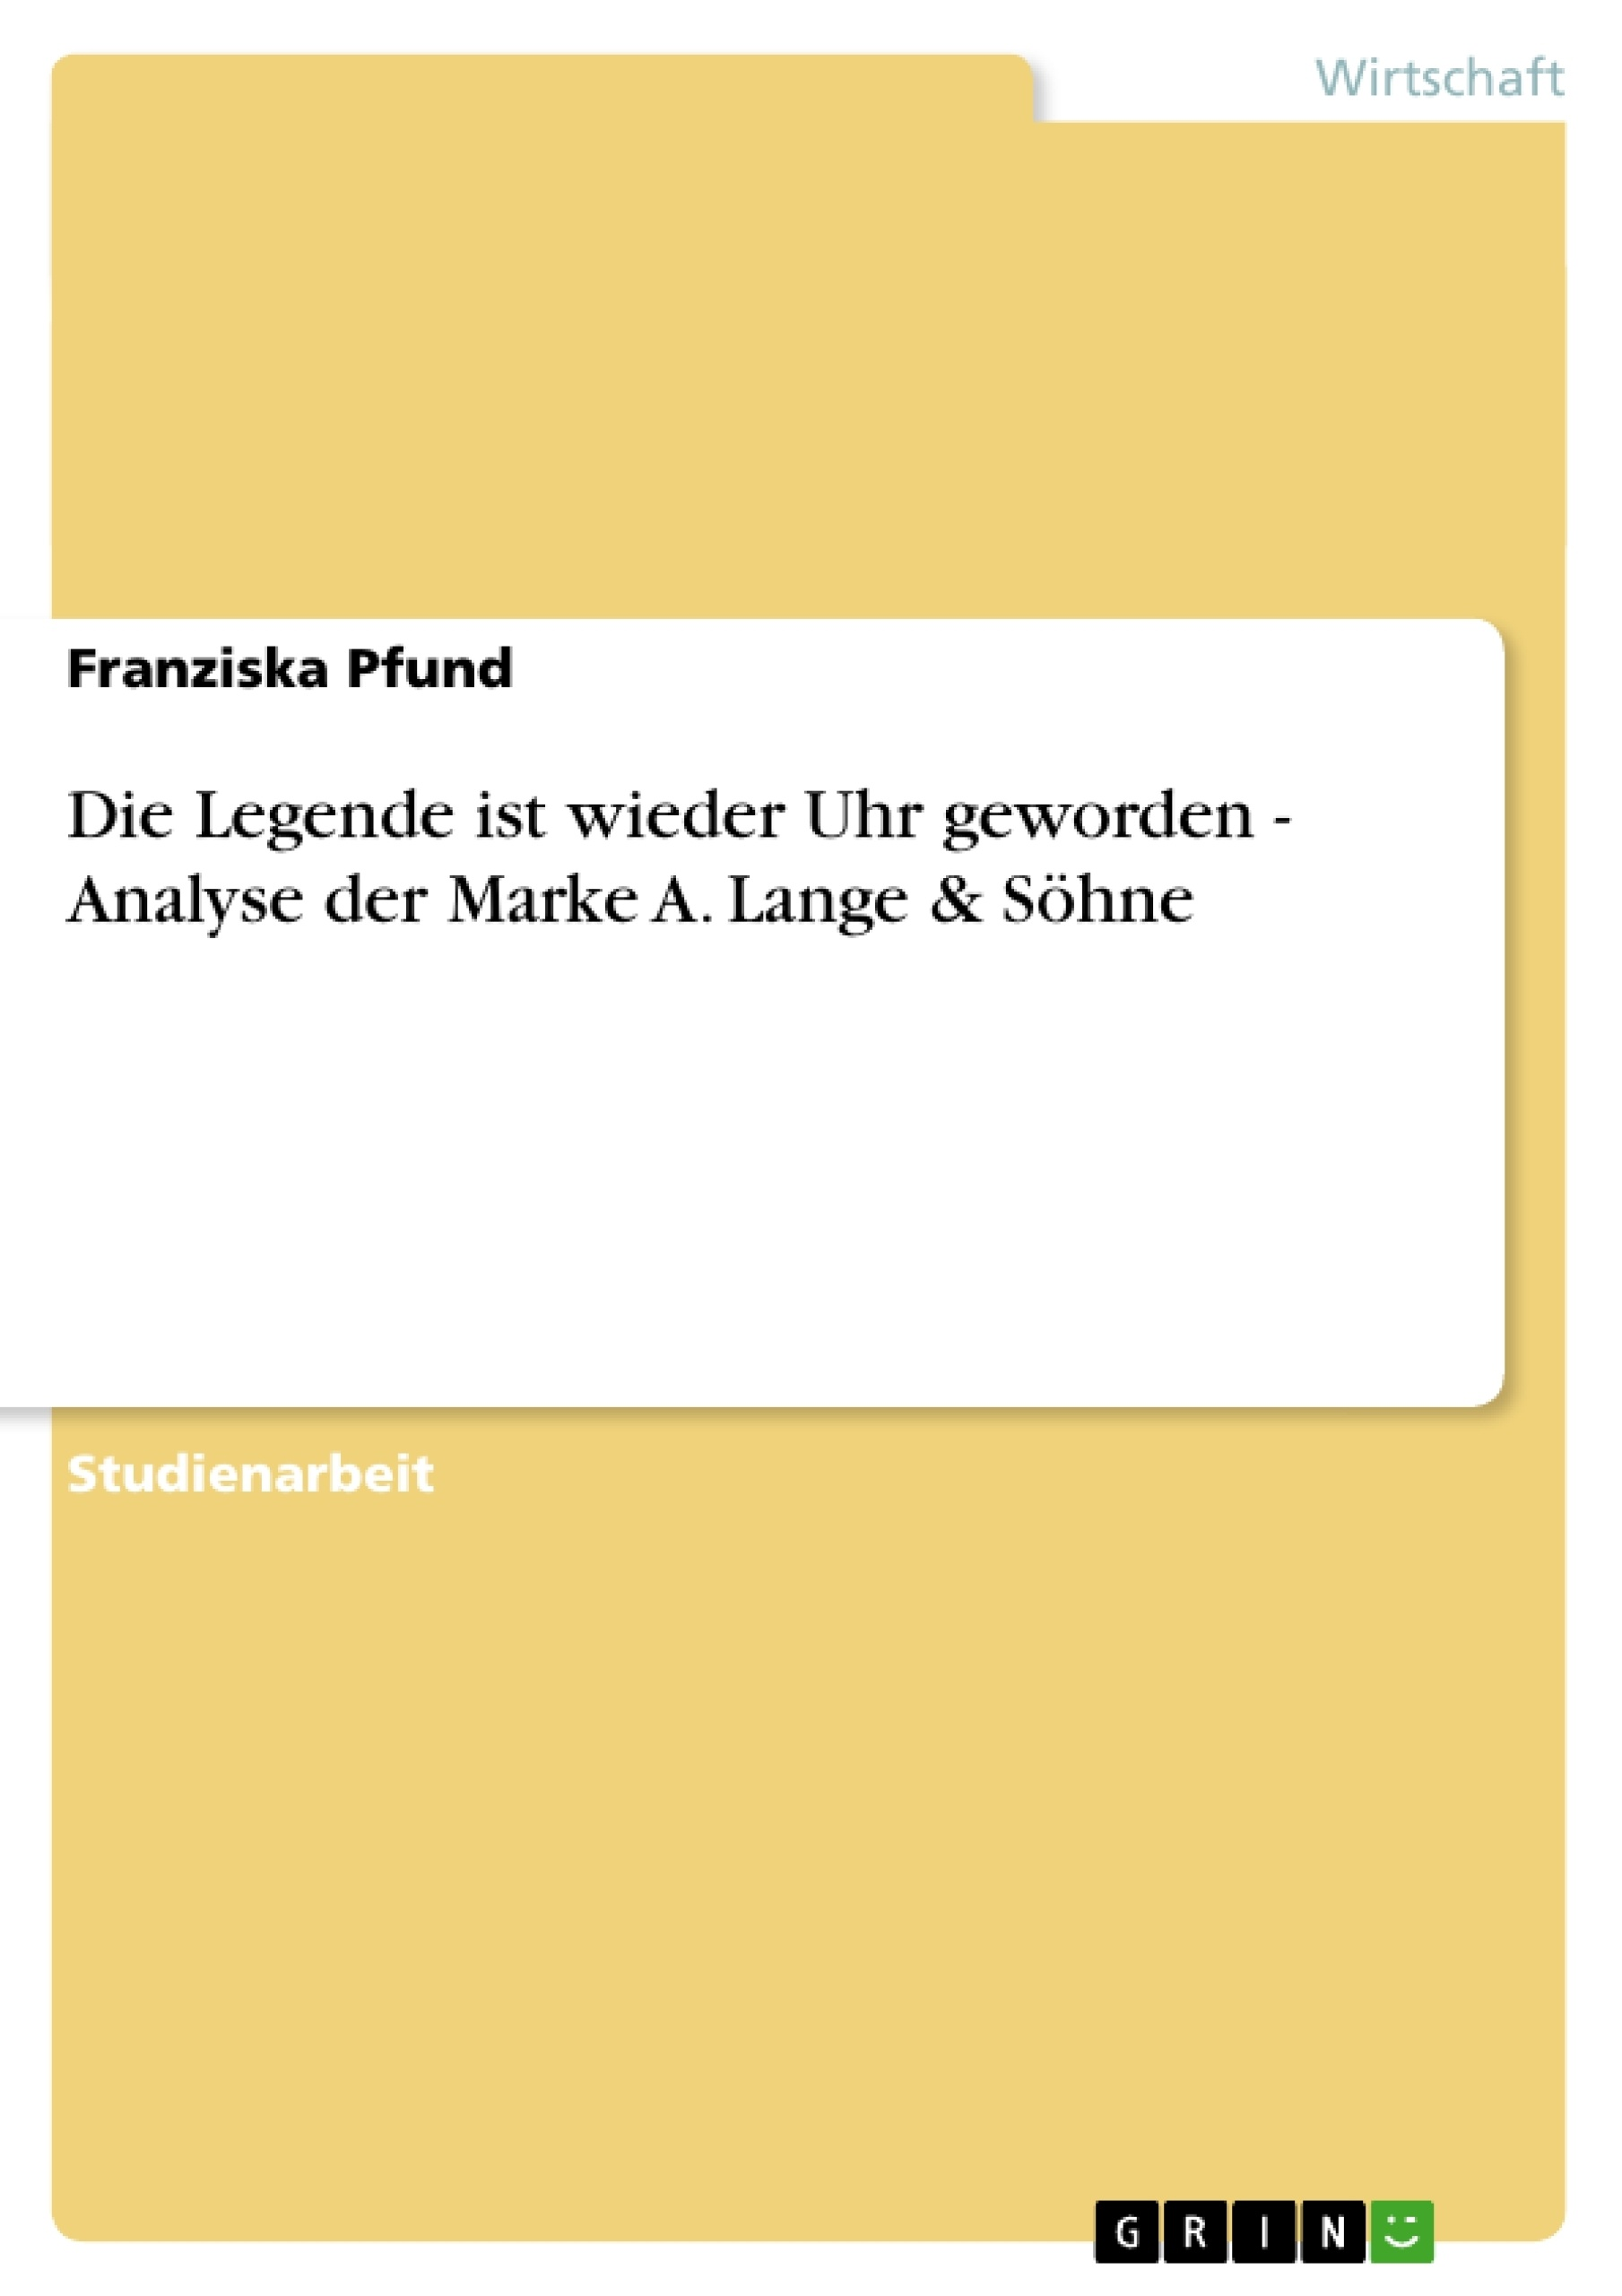 Titel: Die Legende ist wieder Uhr geworden - Analyse der Marke A. Lange & Söhne